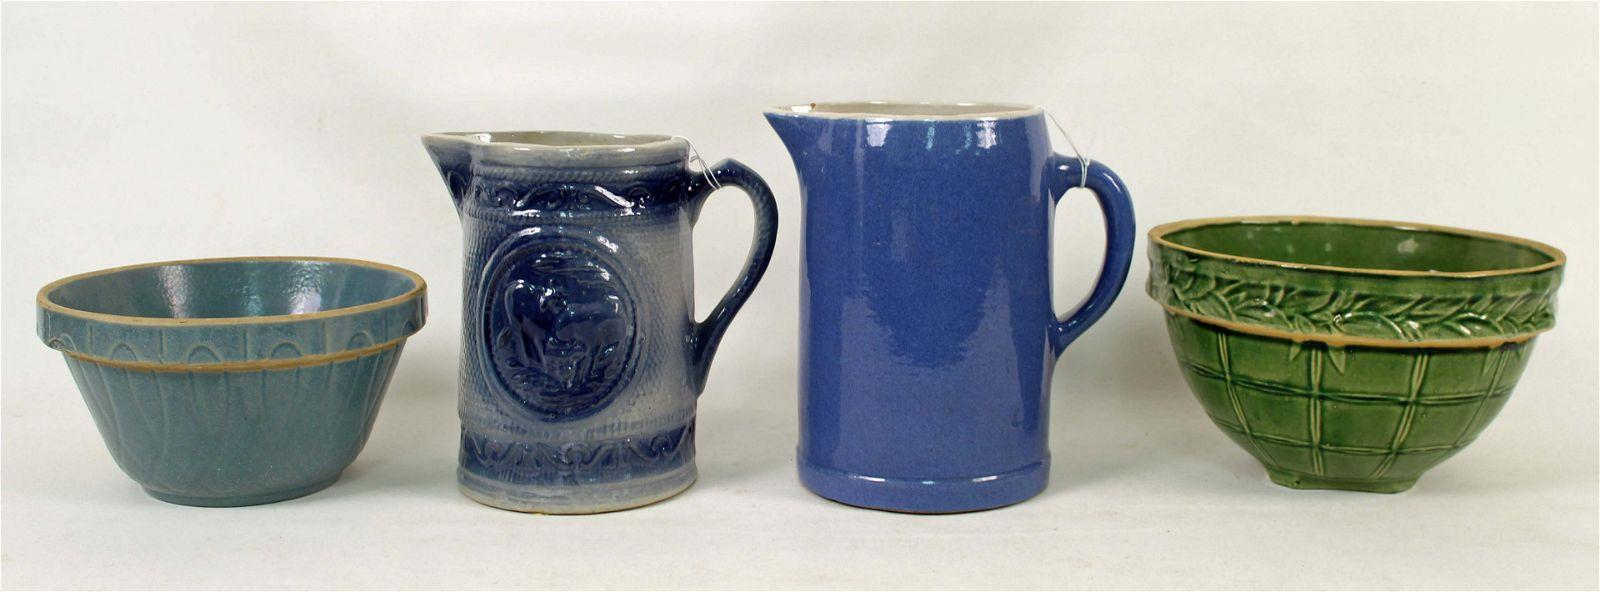 Stoneware Milk Cow Pitcher, Bowls & Pitcher